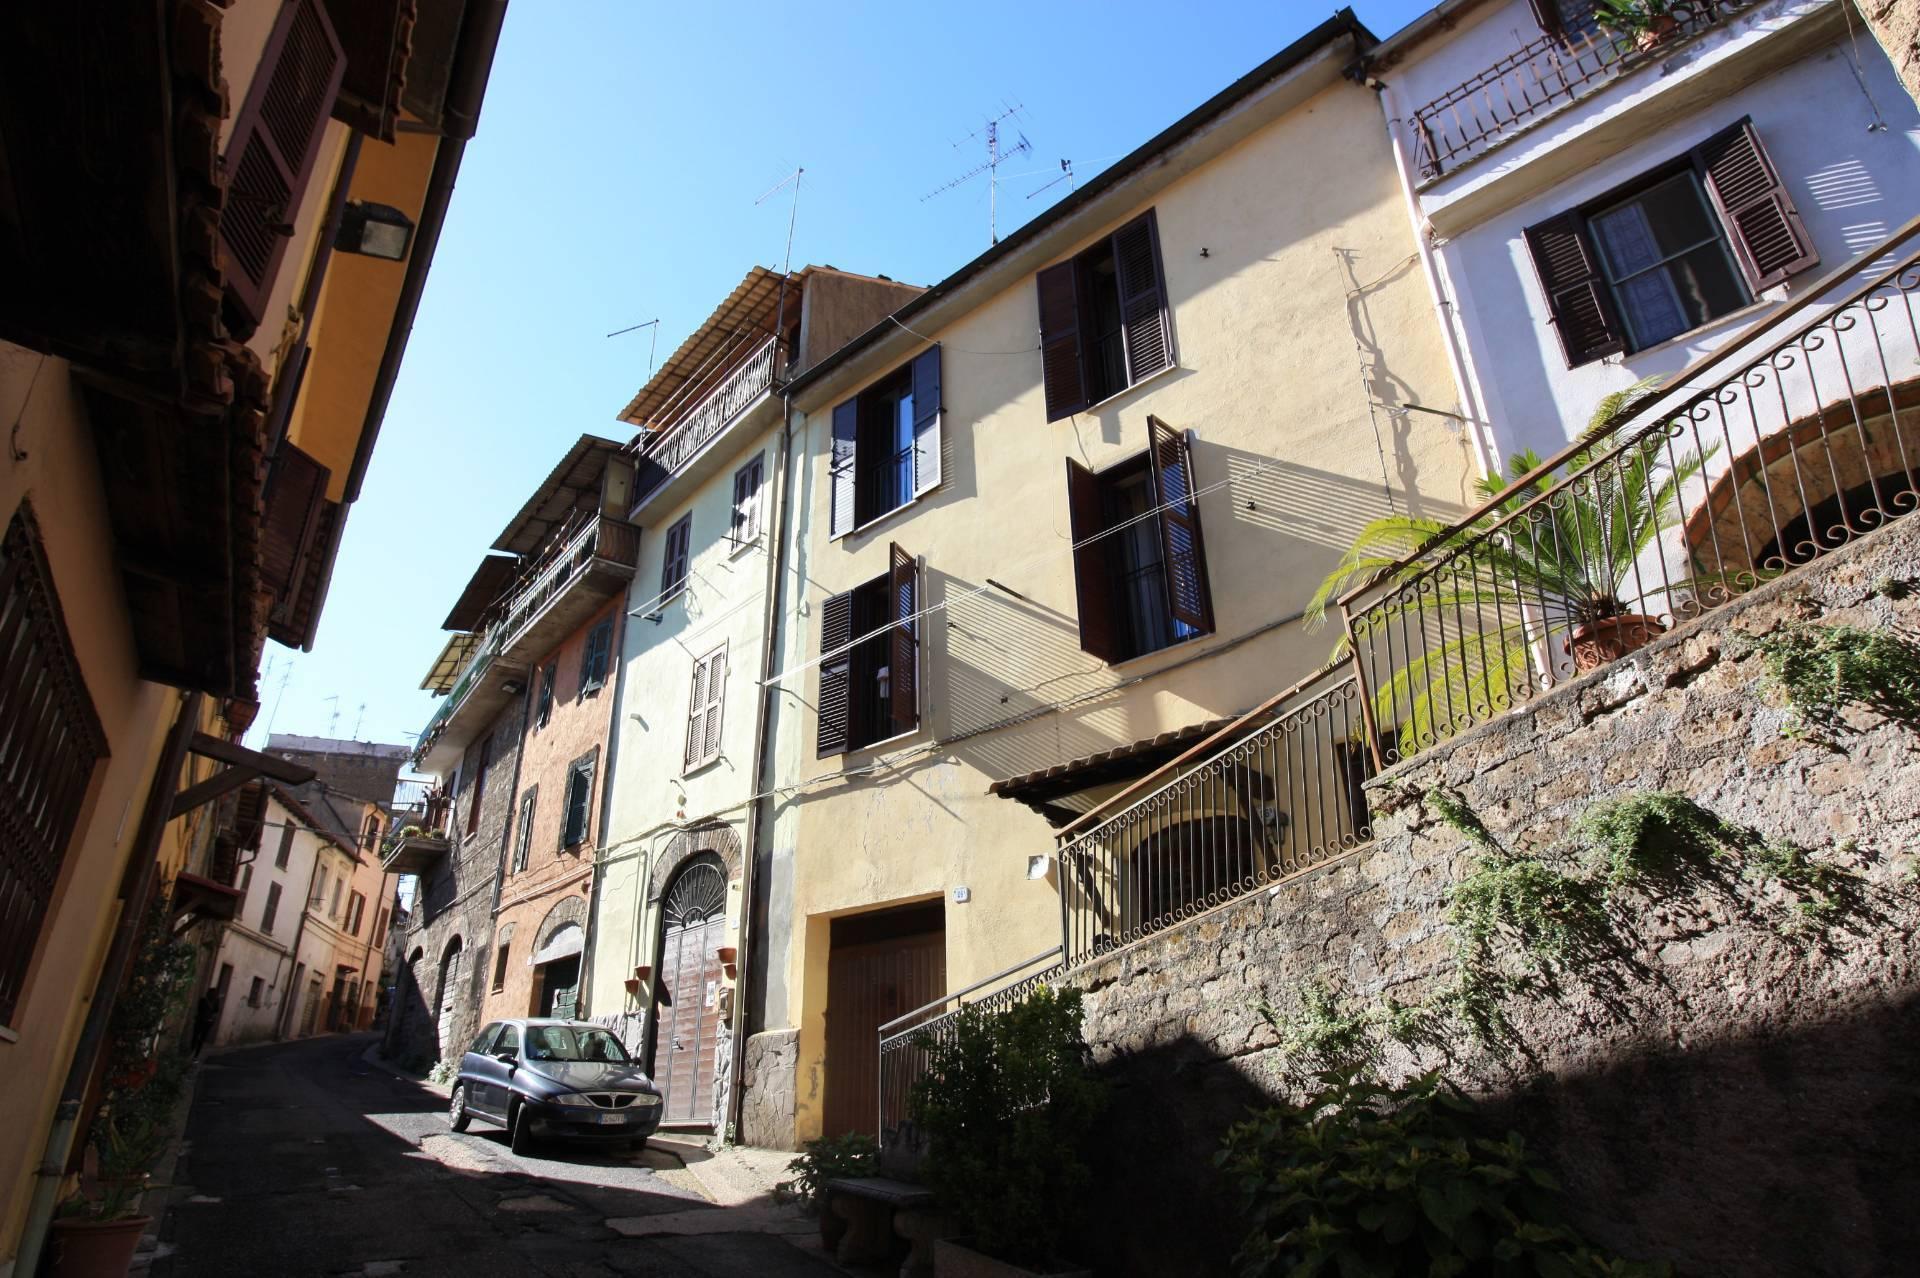 Appartamento in vendita a Ronciglione, 8 locali, zona Località: centrale, prezzo € 98.000   CambioCasa.it